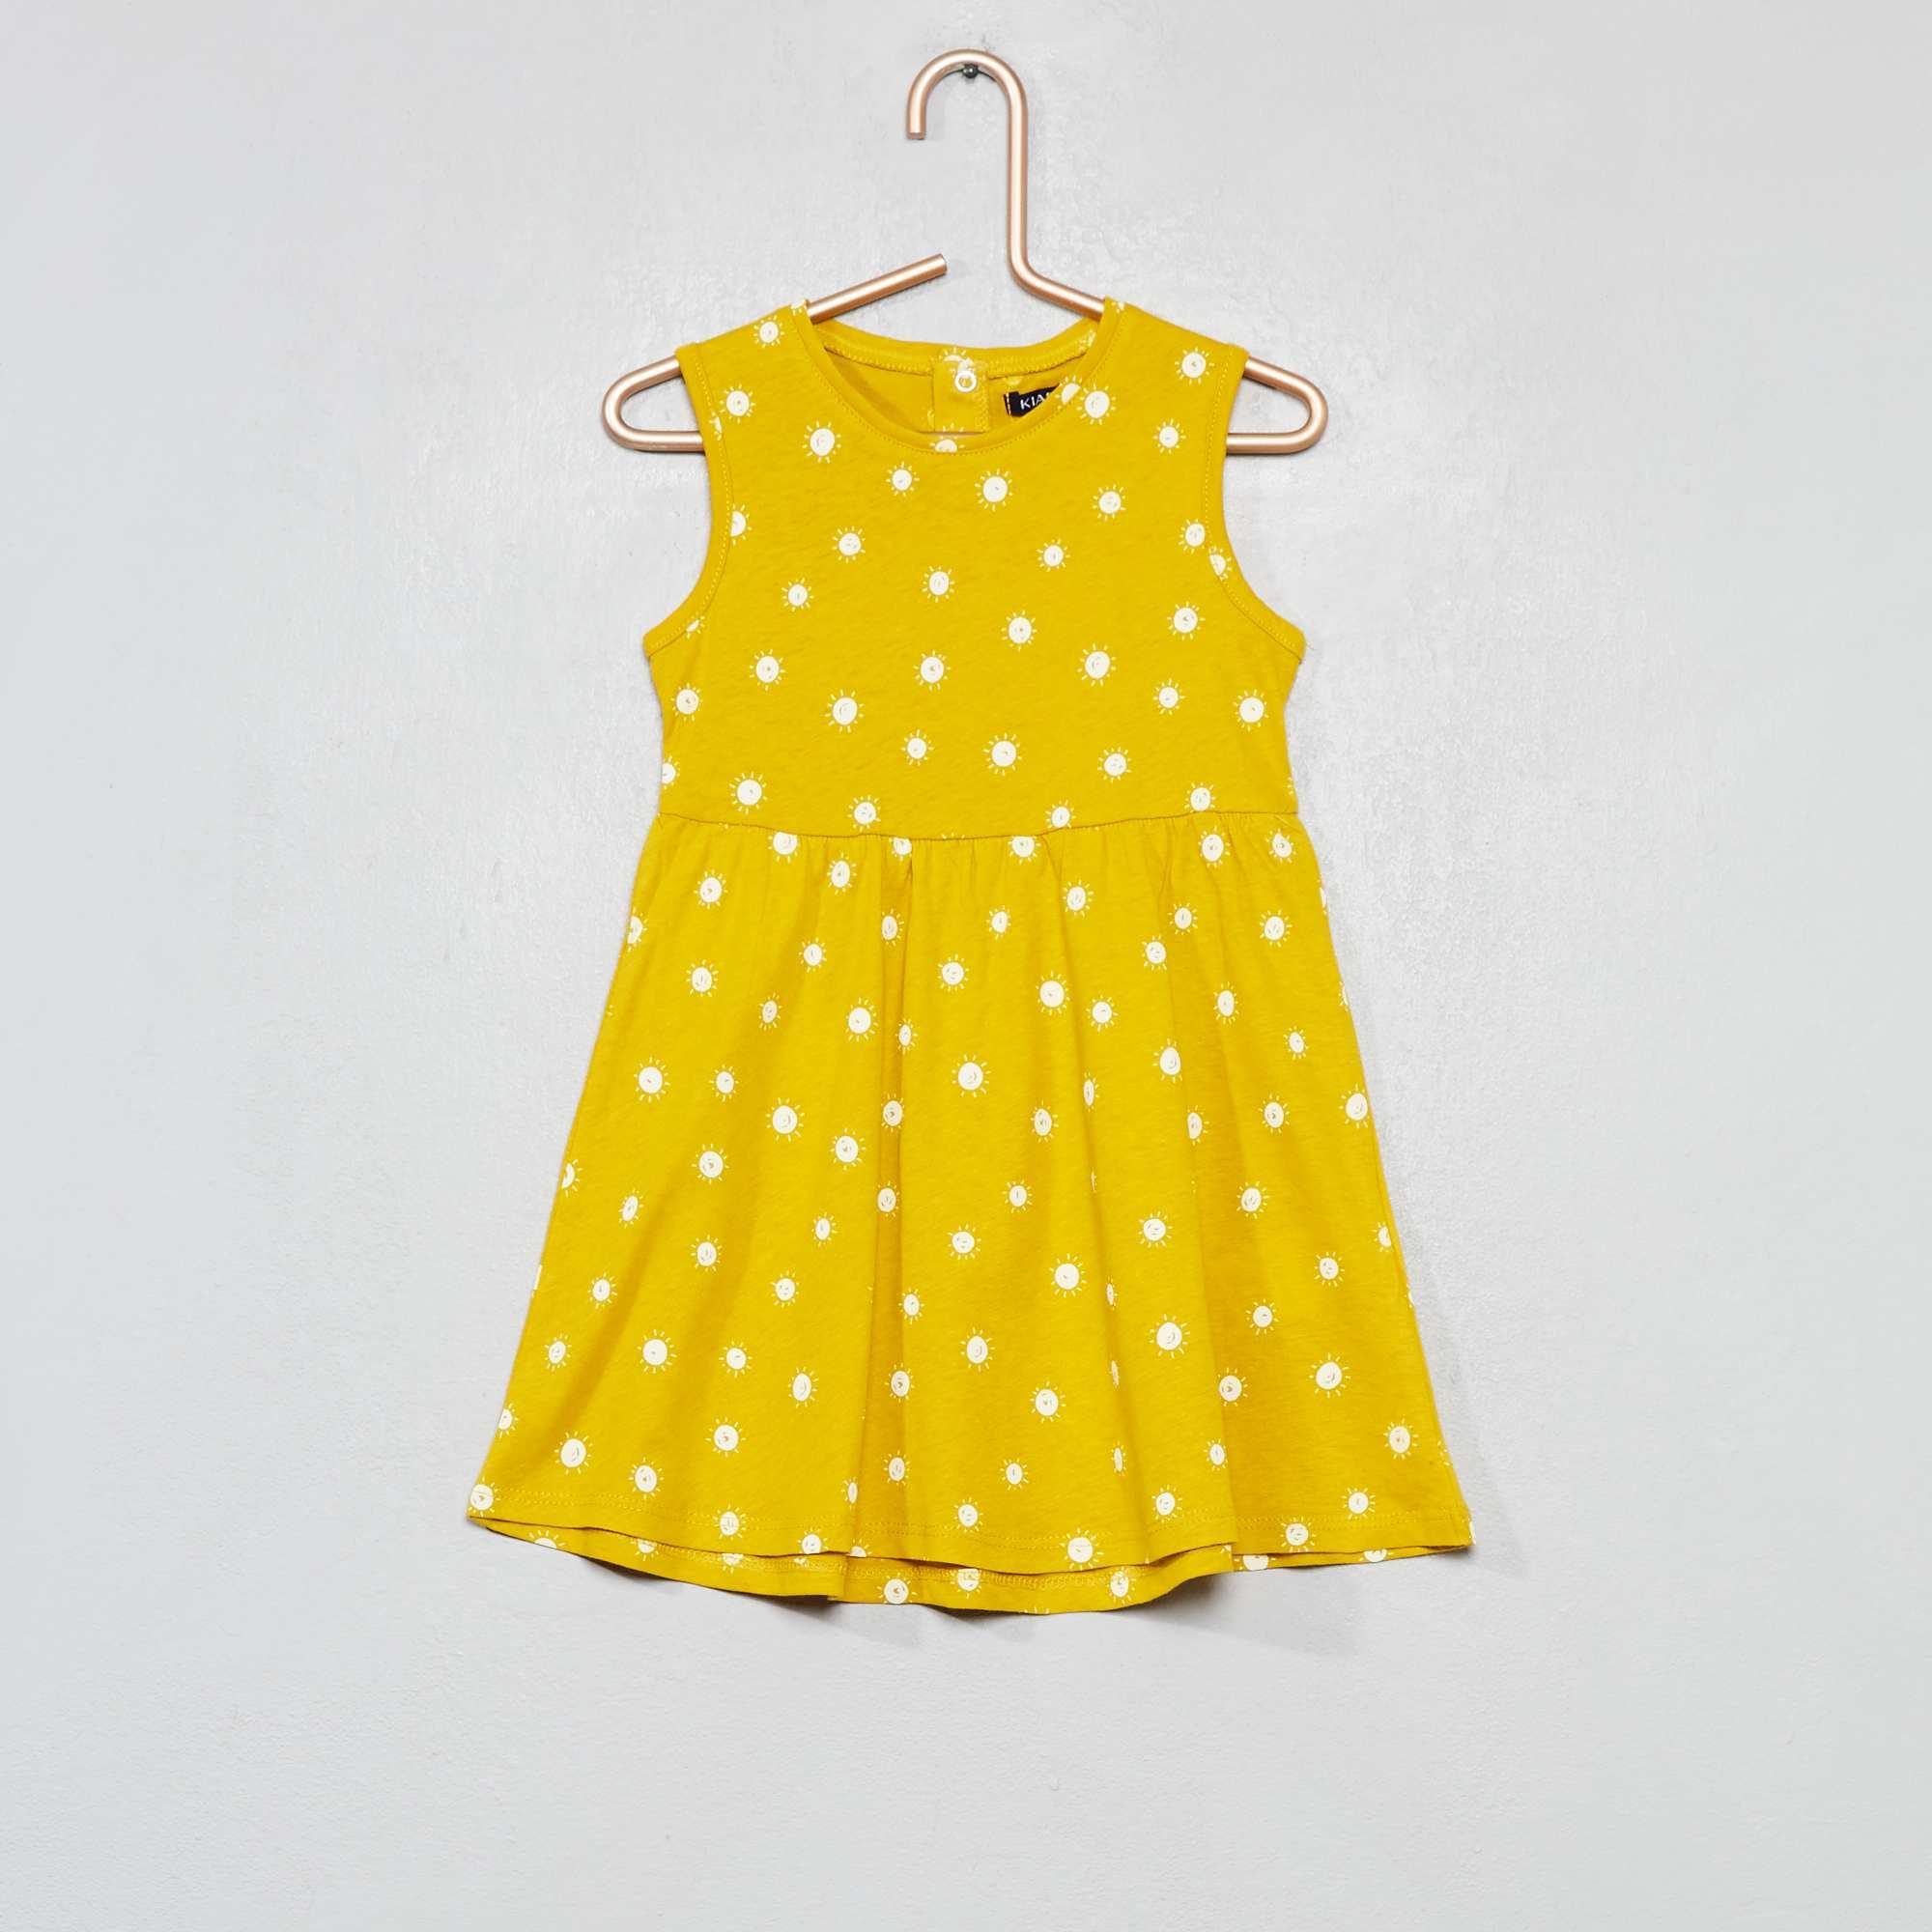 832c46f1a Vestido de punto estampado 'sol' Bebé niña - AMARILLO - Kiabi - 4,00€